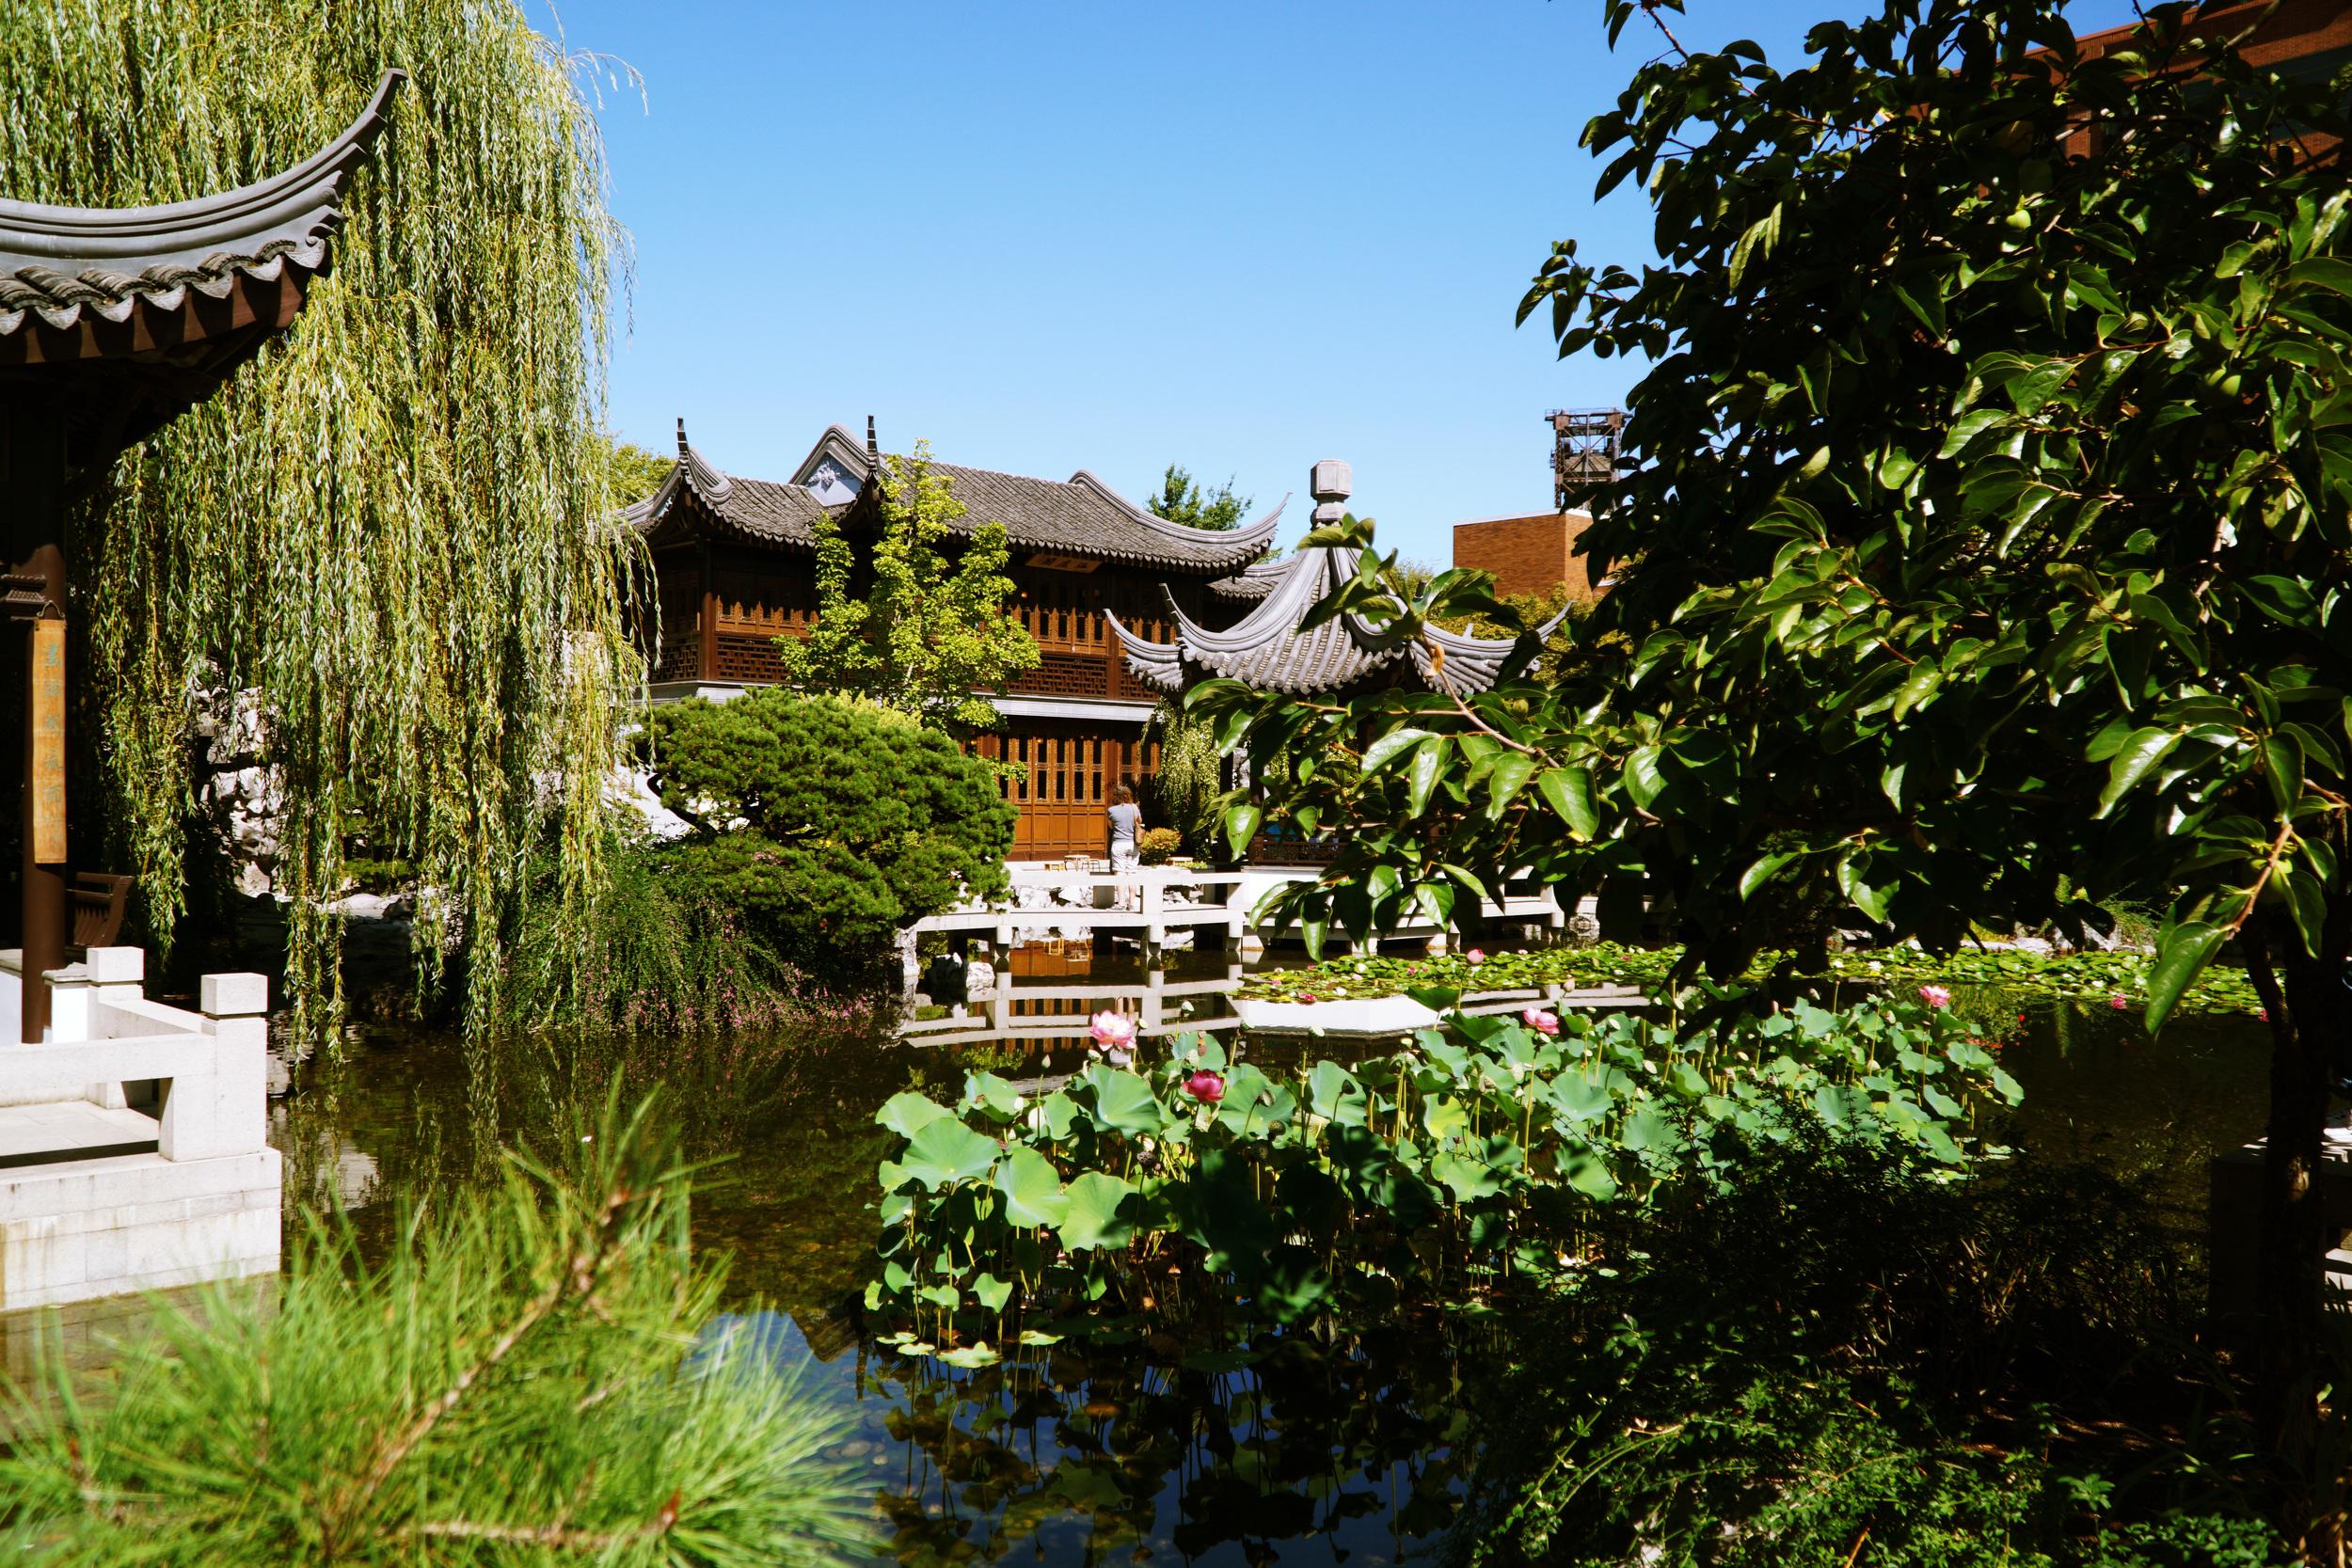 DSC01306 Pond and Garden.JPG